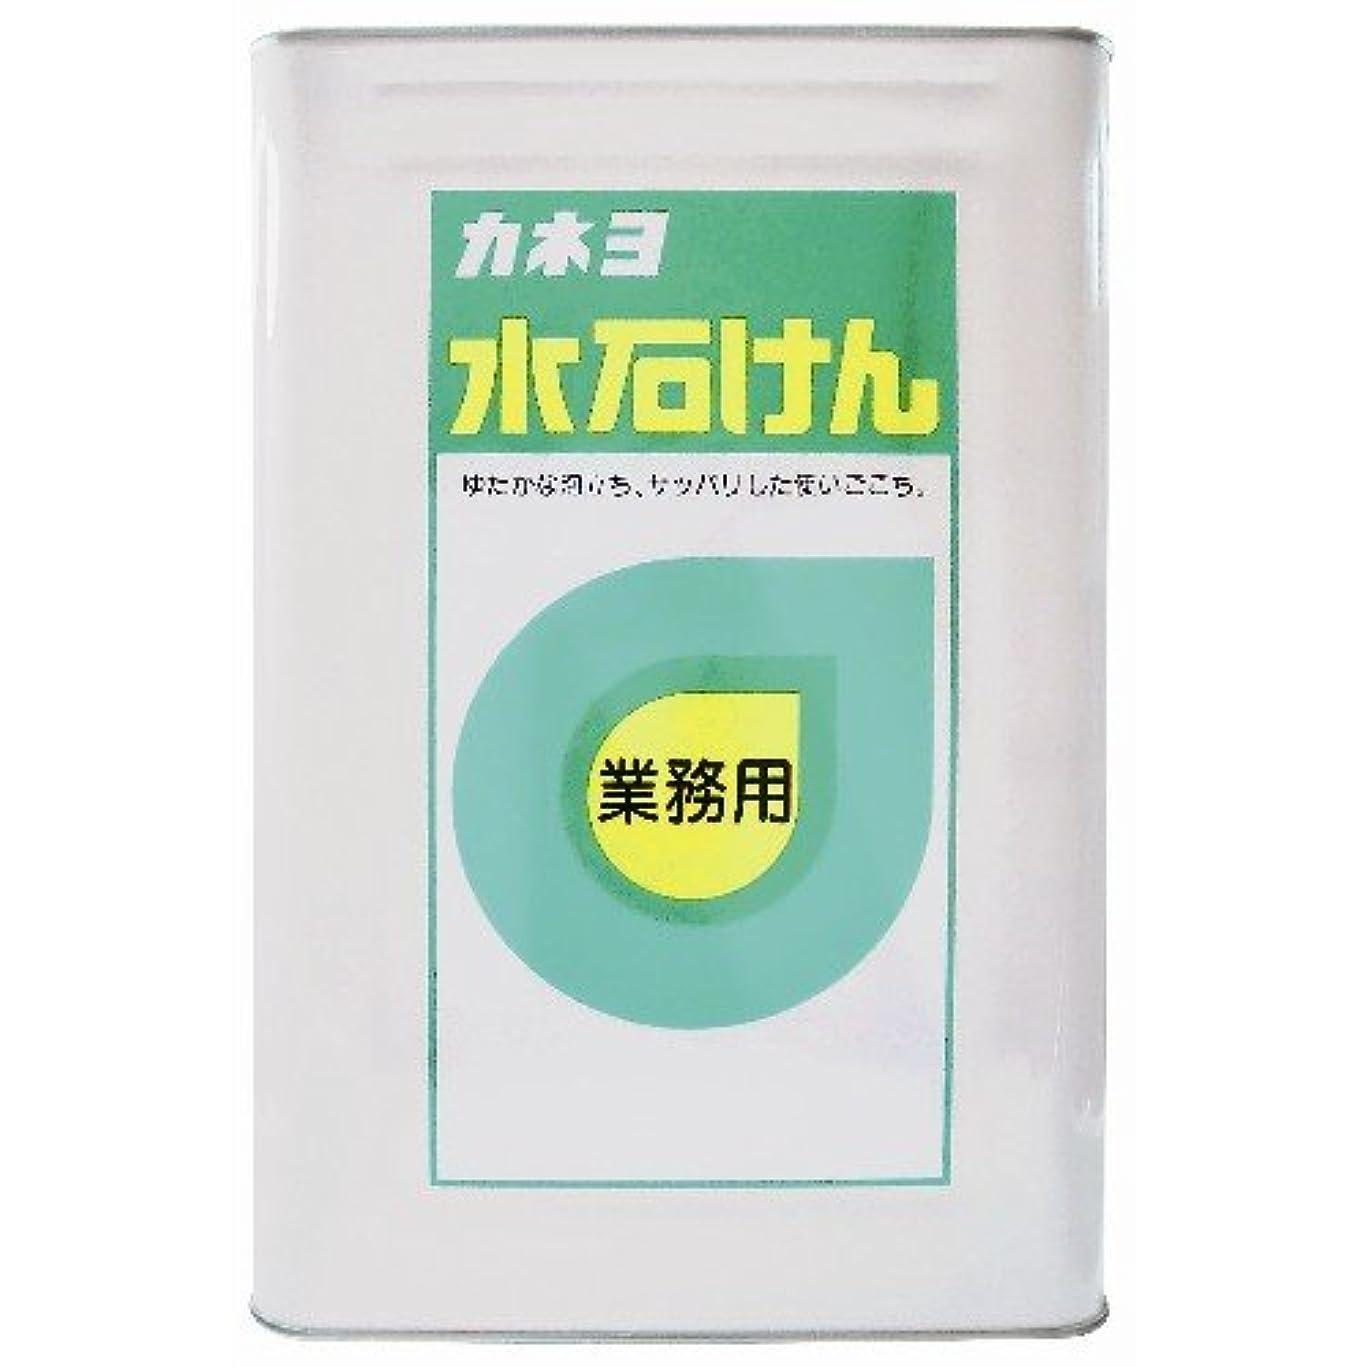 のホスト柔らかさ面倒【大容量】 カネヨ石鹸 ハンドソープ 水石けん 液体 業務用 18L 一斗缶